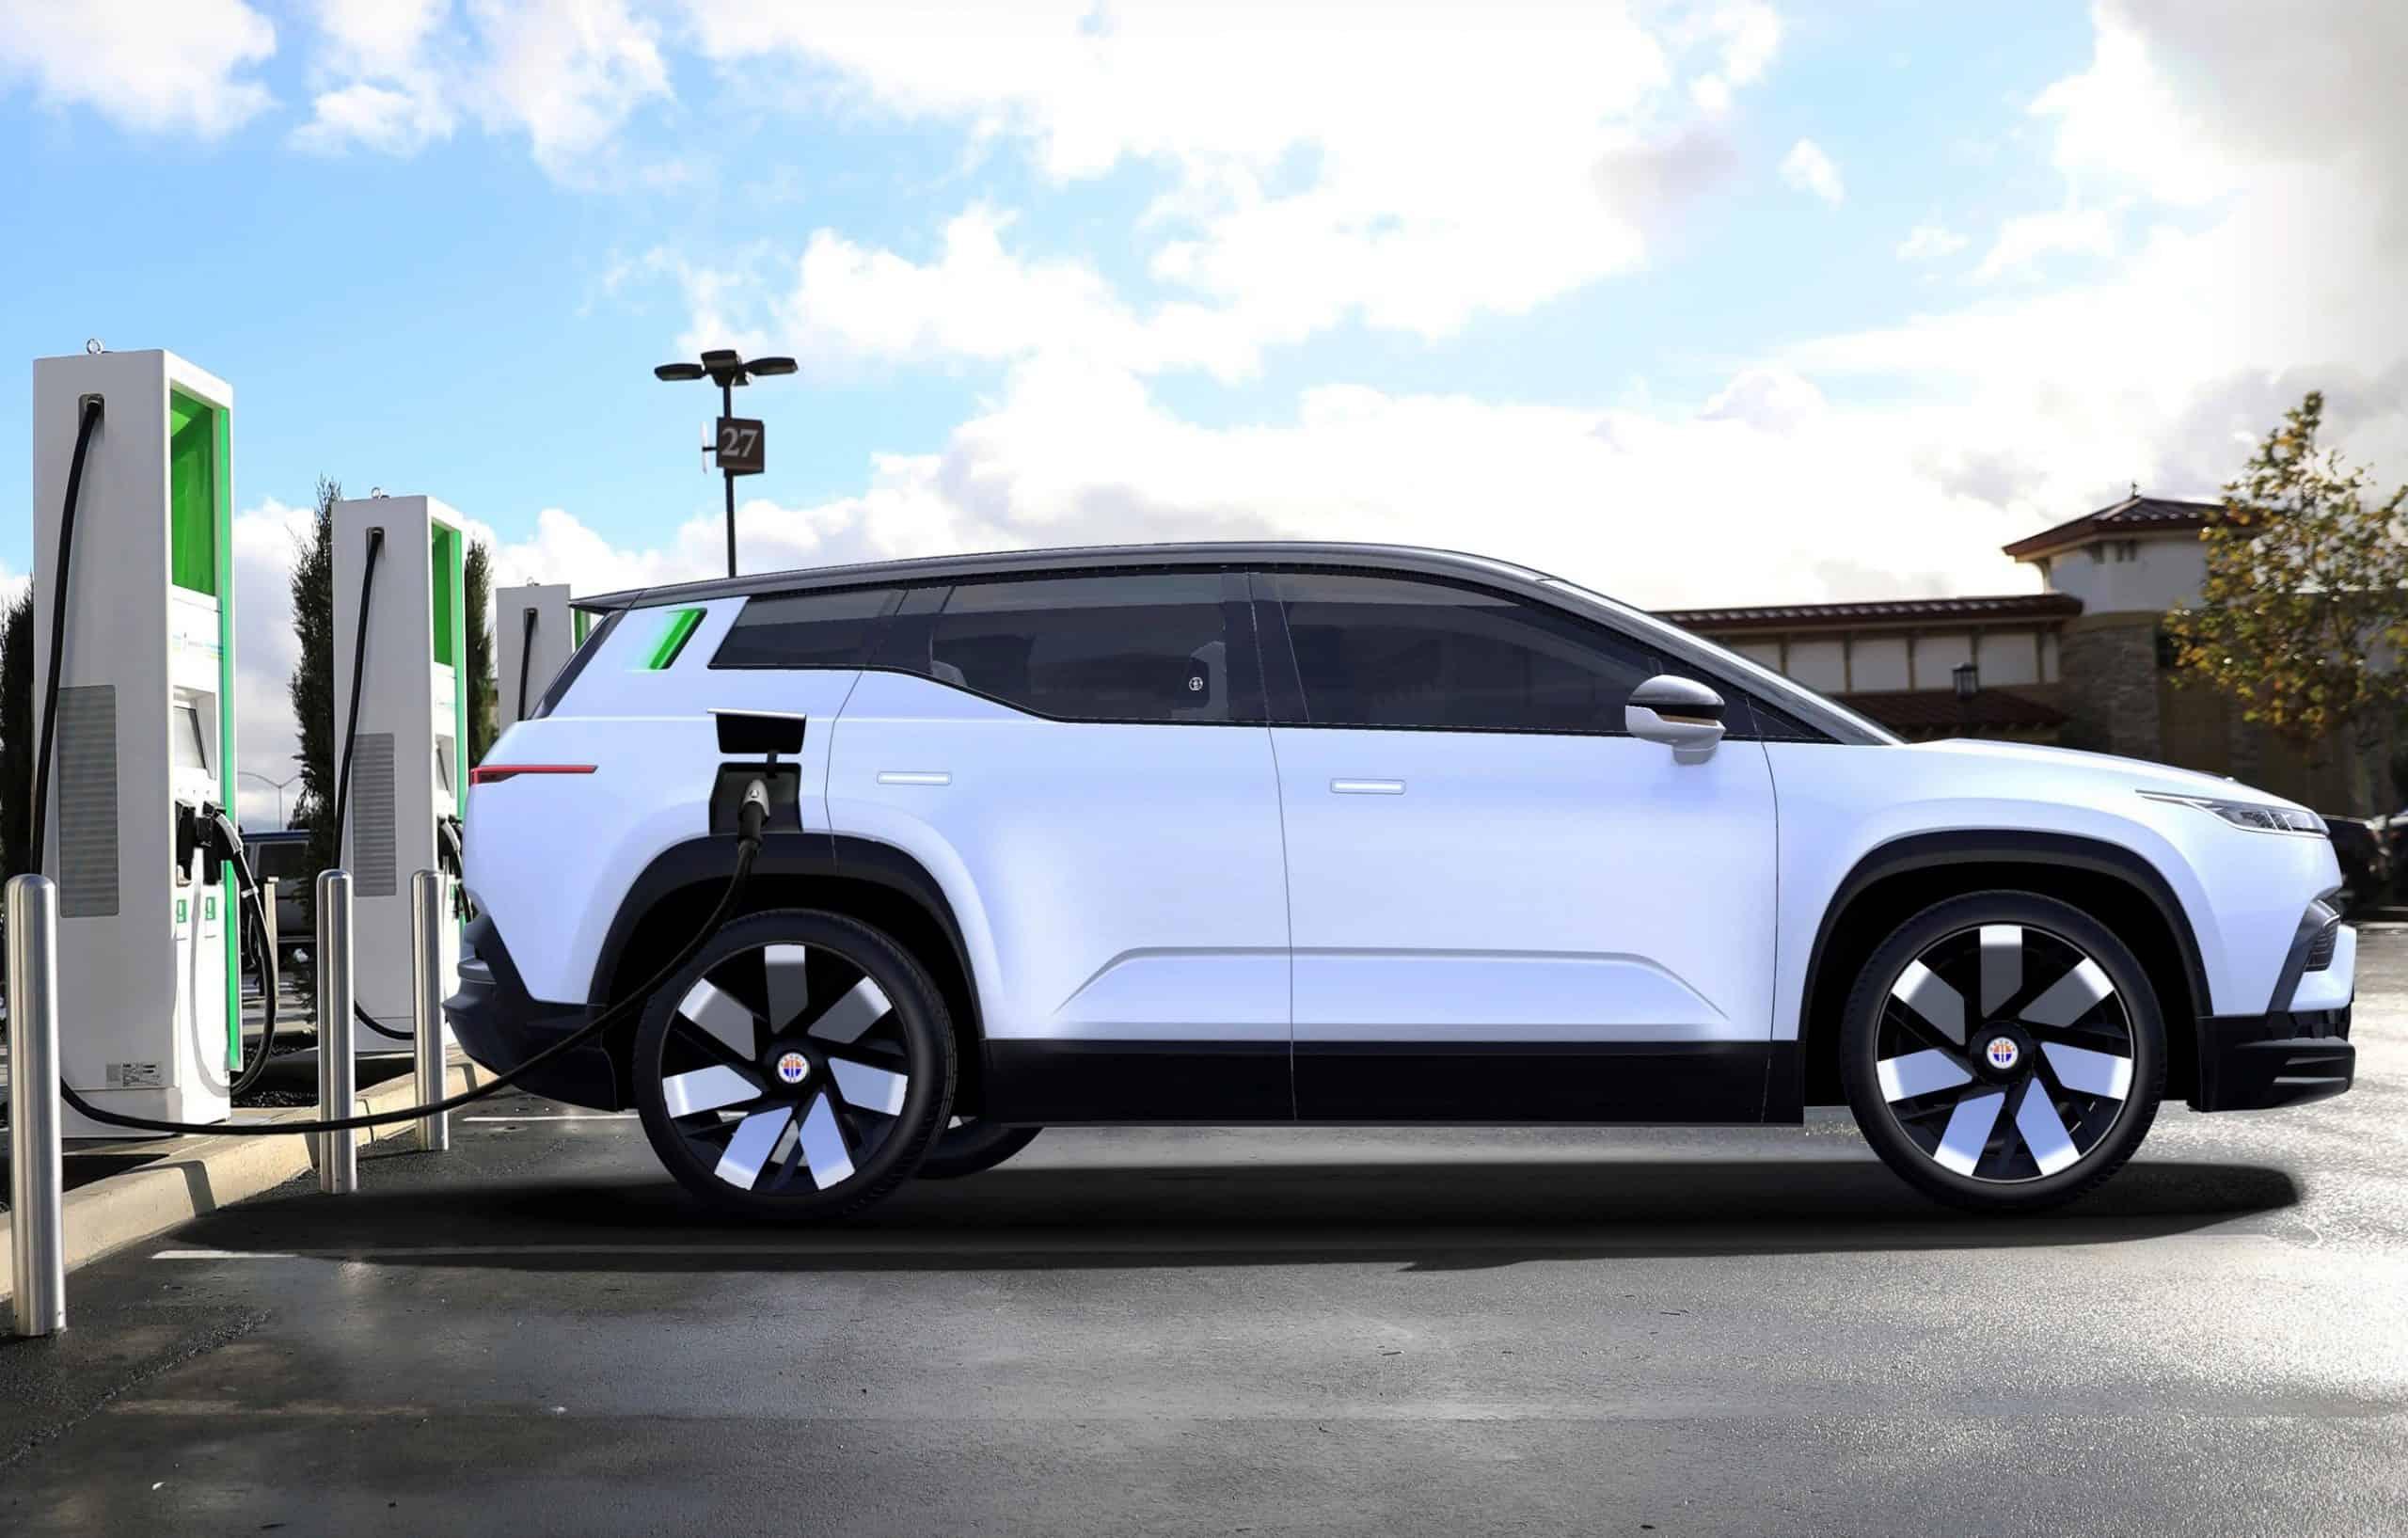 www.autoconnectedcar.com